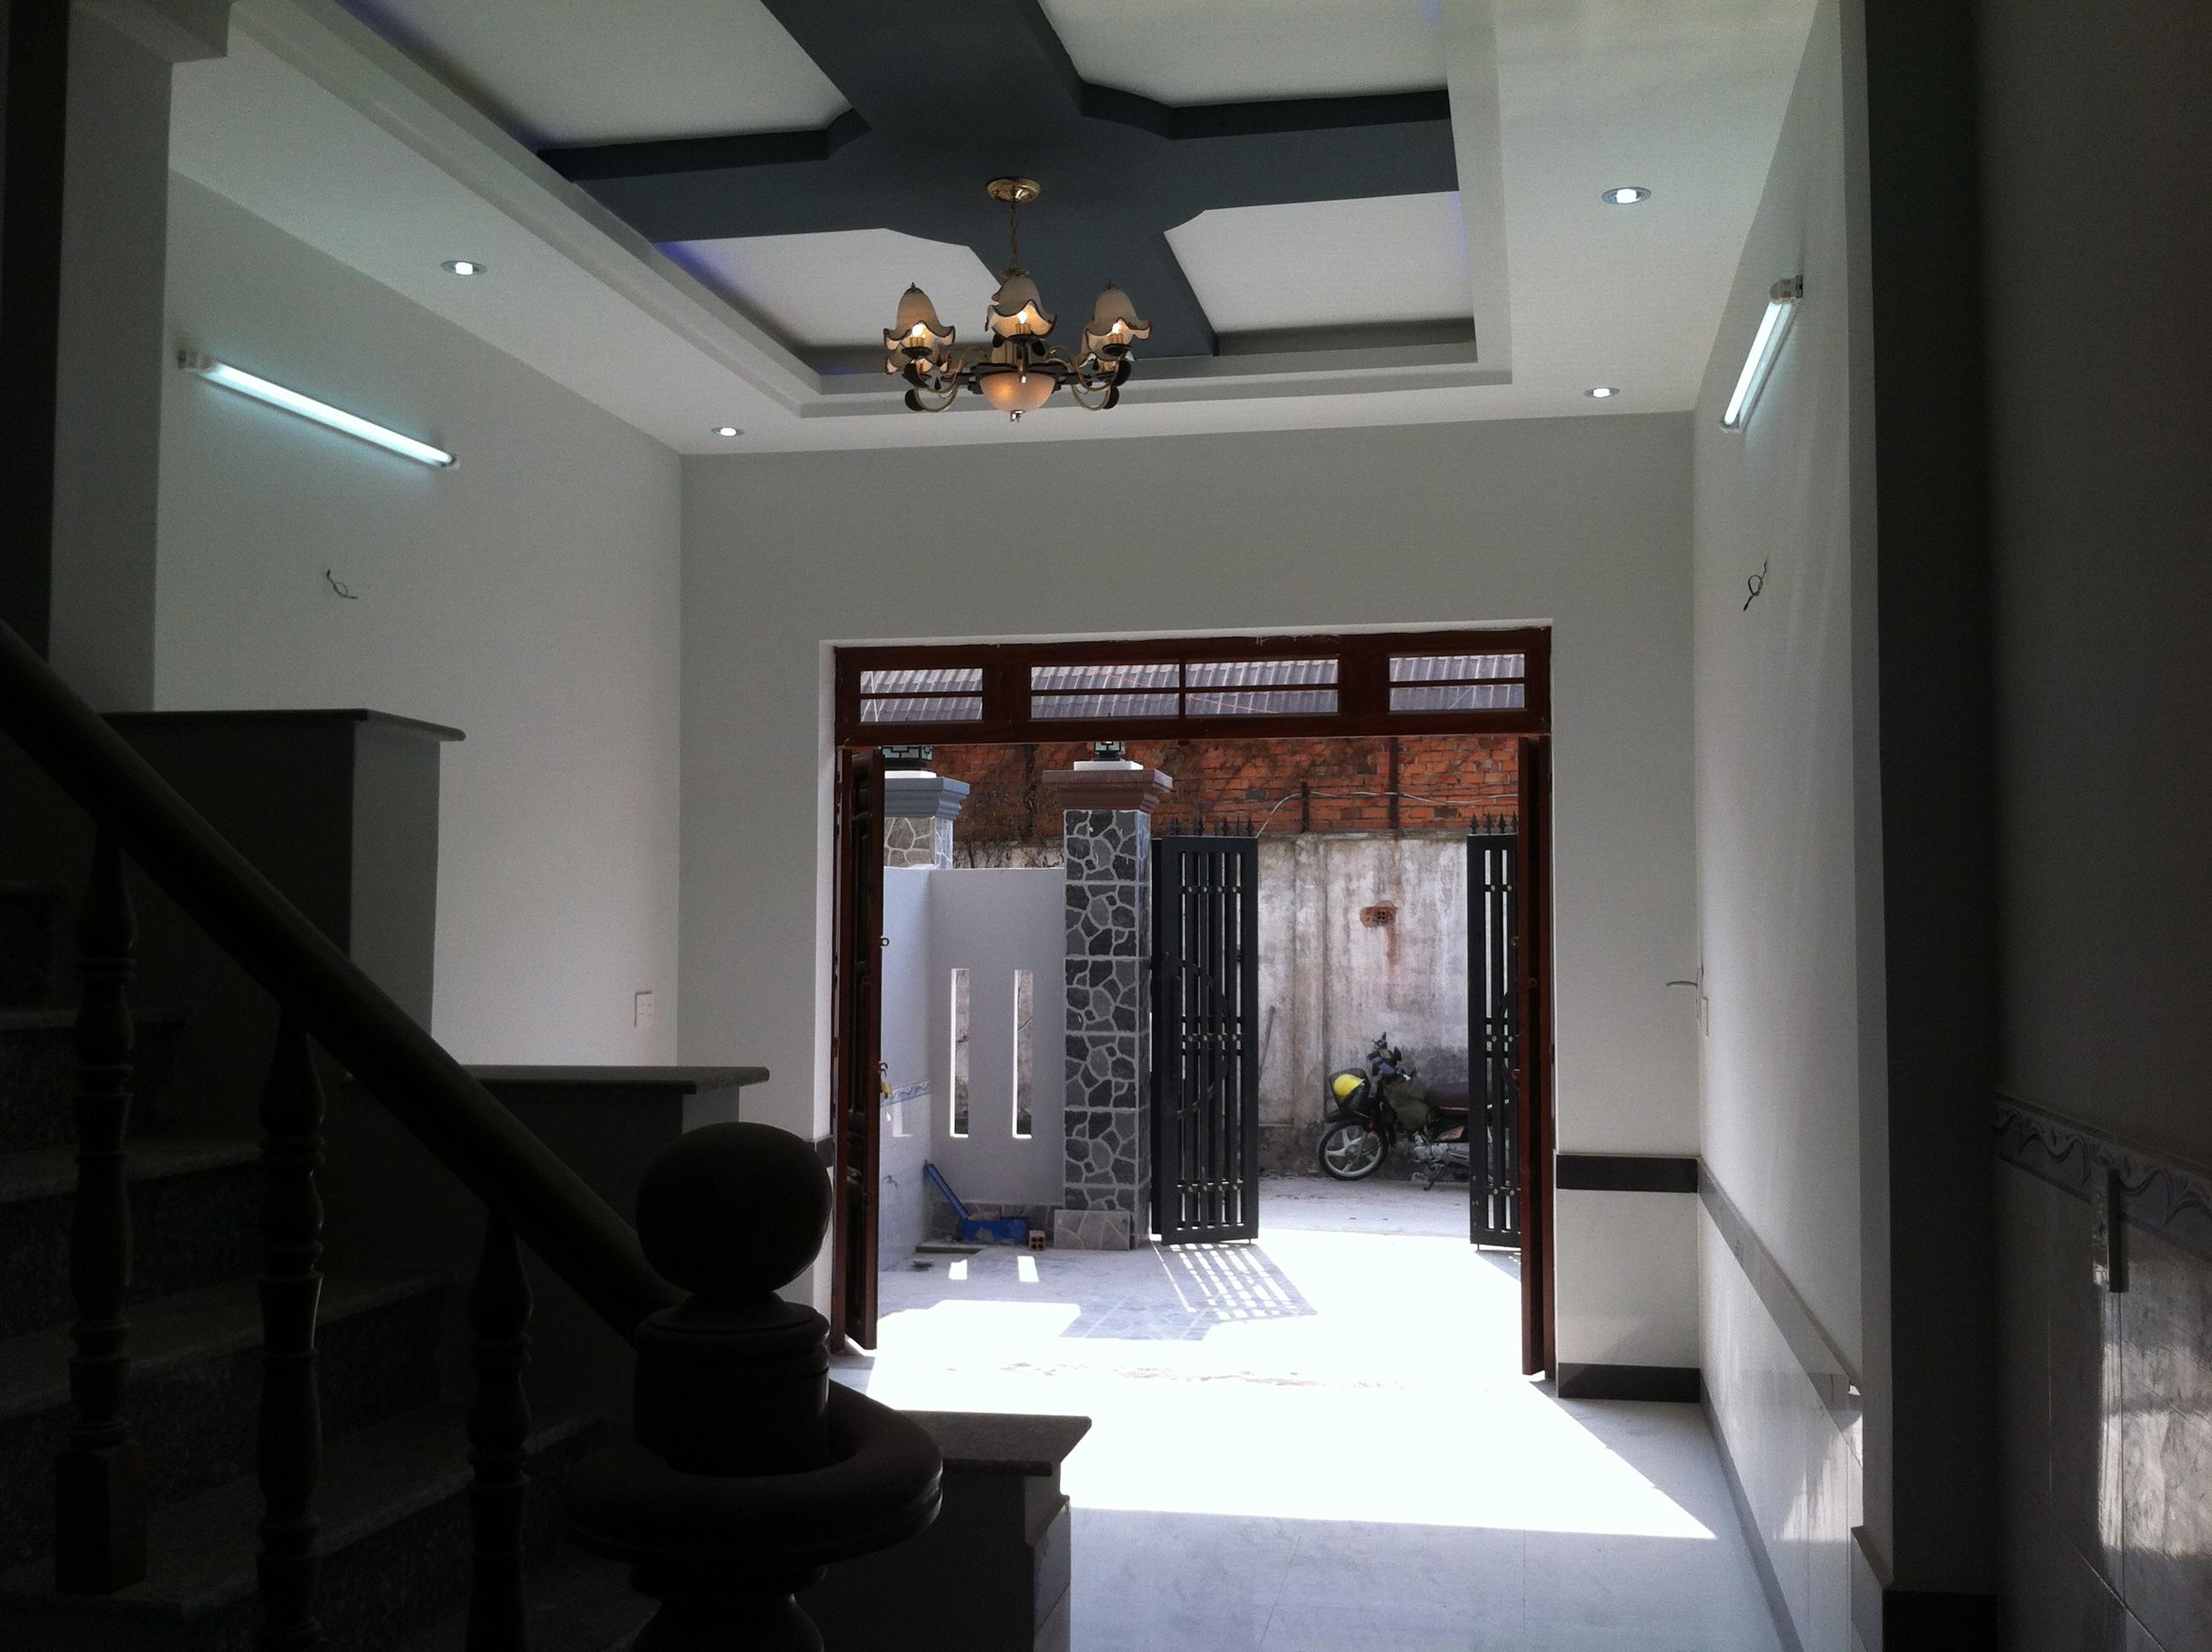 Phòng khách căn nhà phố mới gần khu công nghiệp visip, Việtnam SINGAPORE